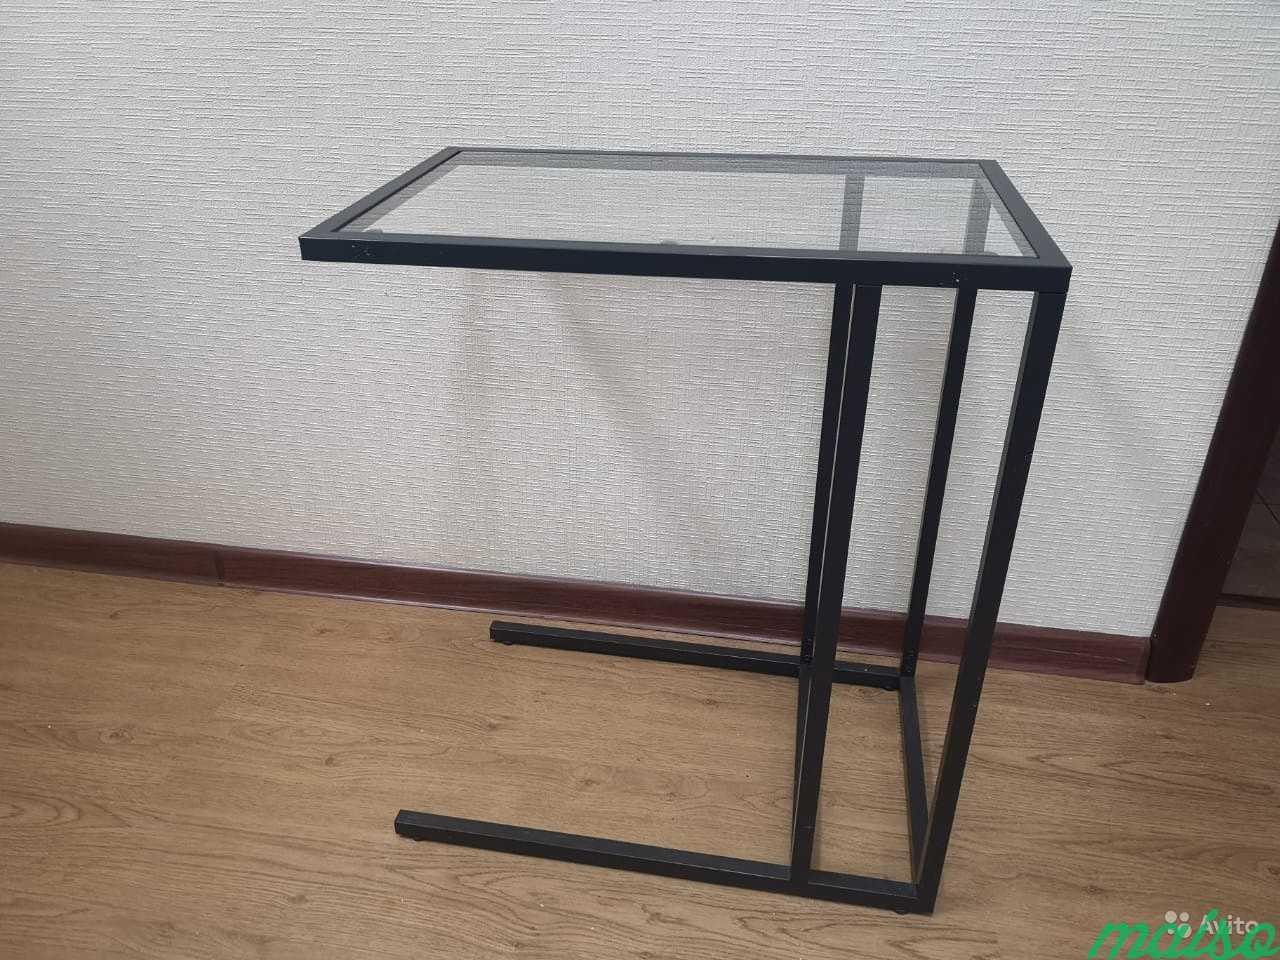 Столик стеклянный задвижной под диван в Москве. Фото 2